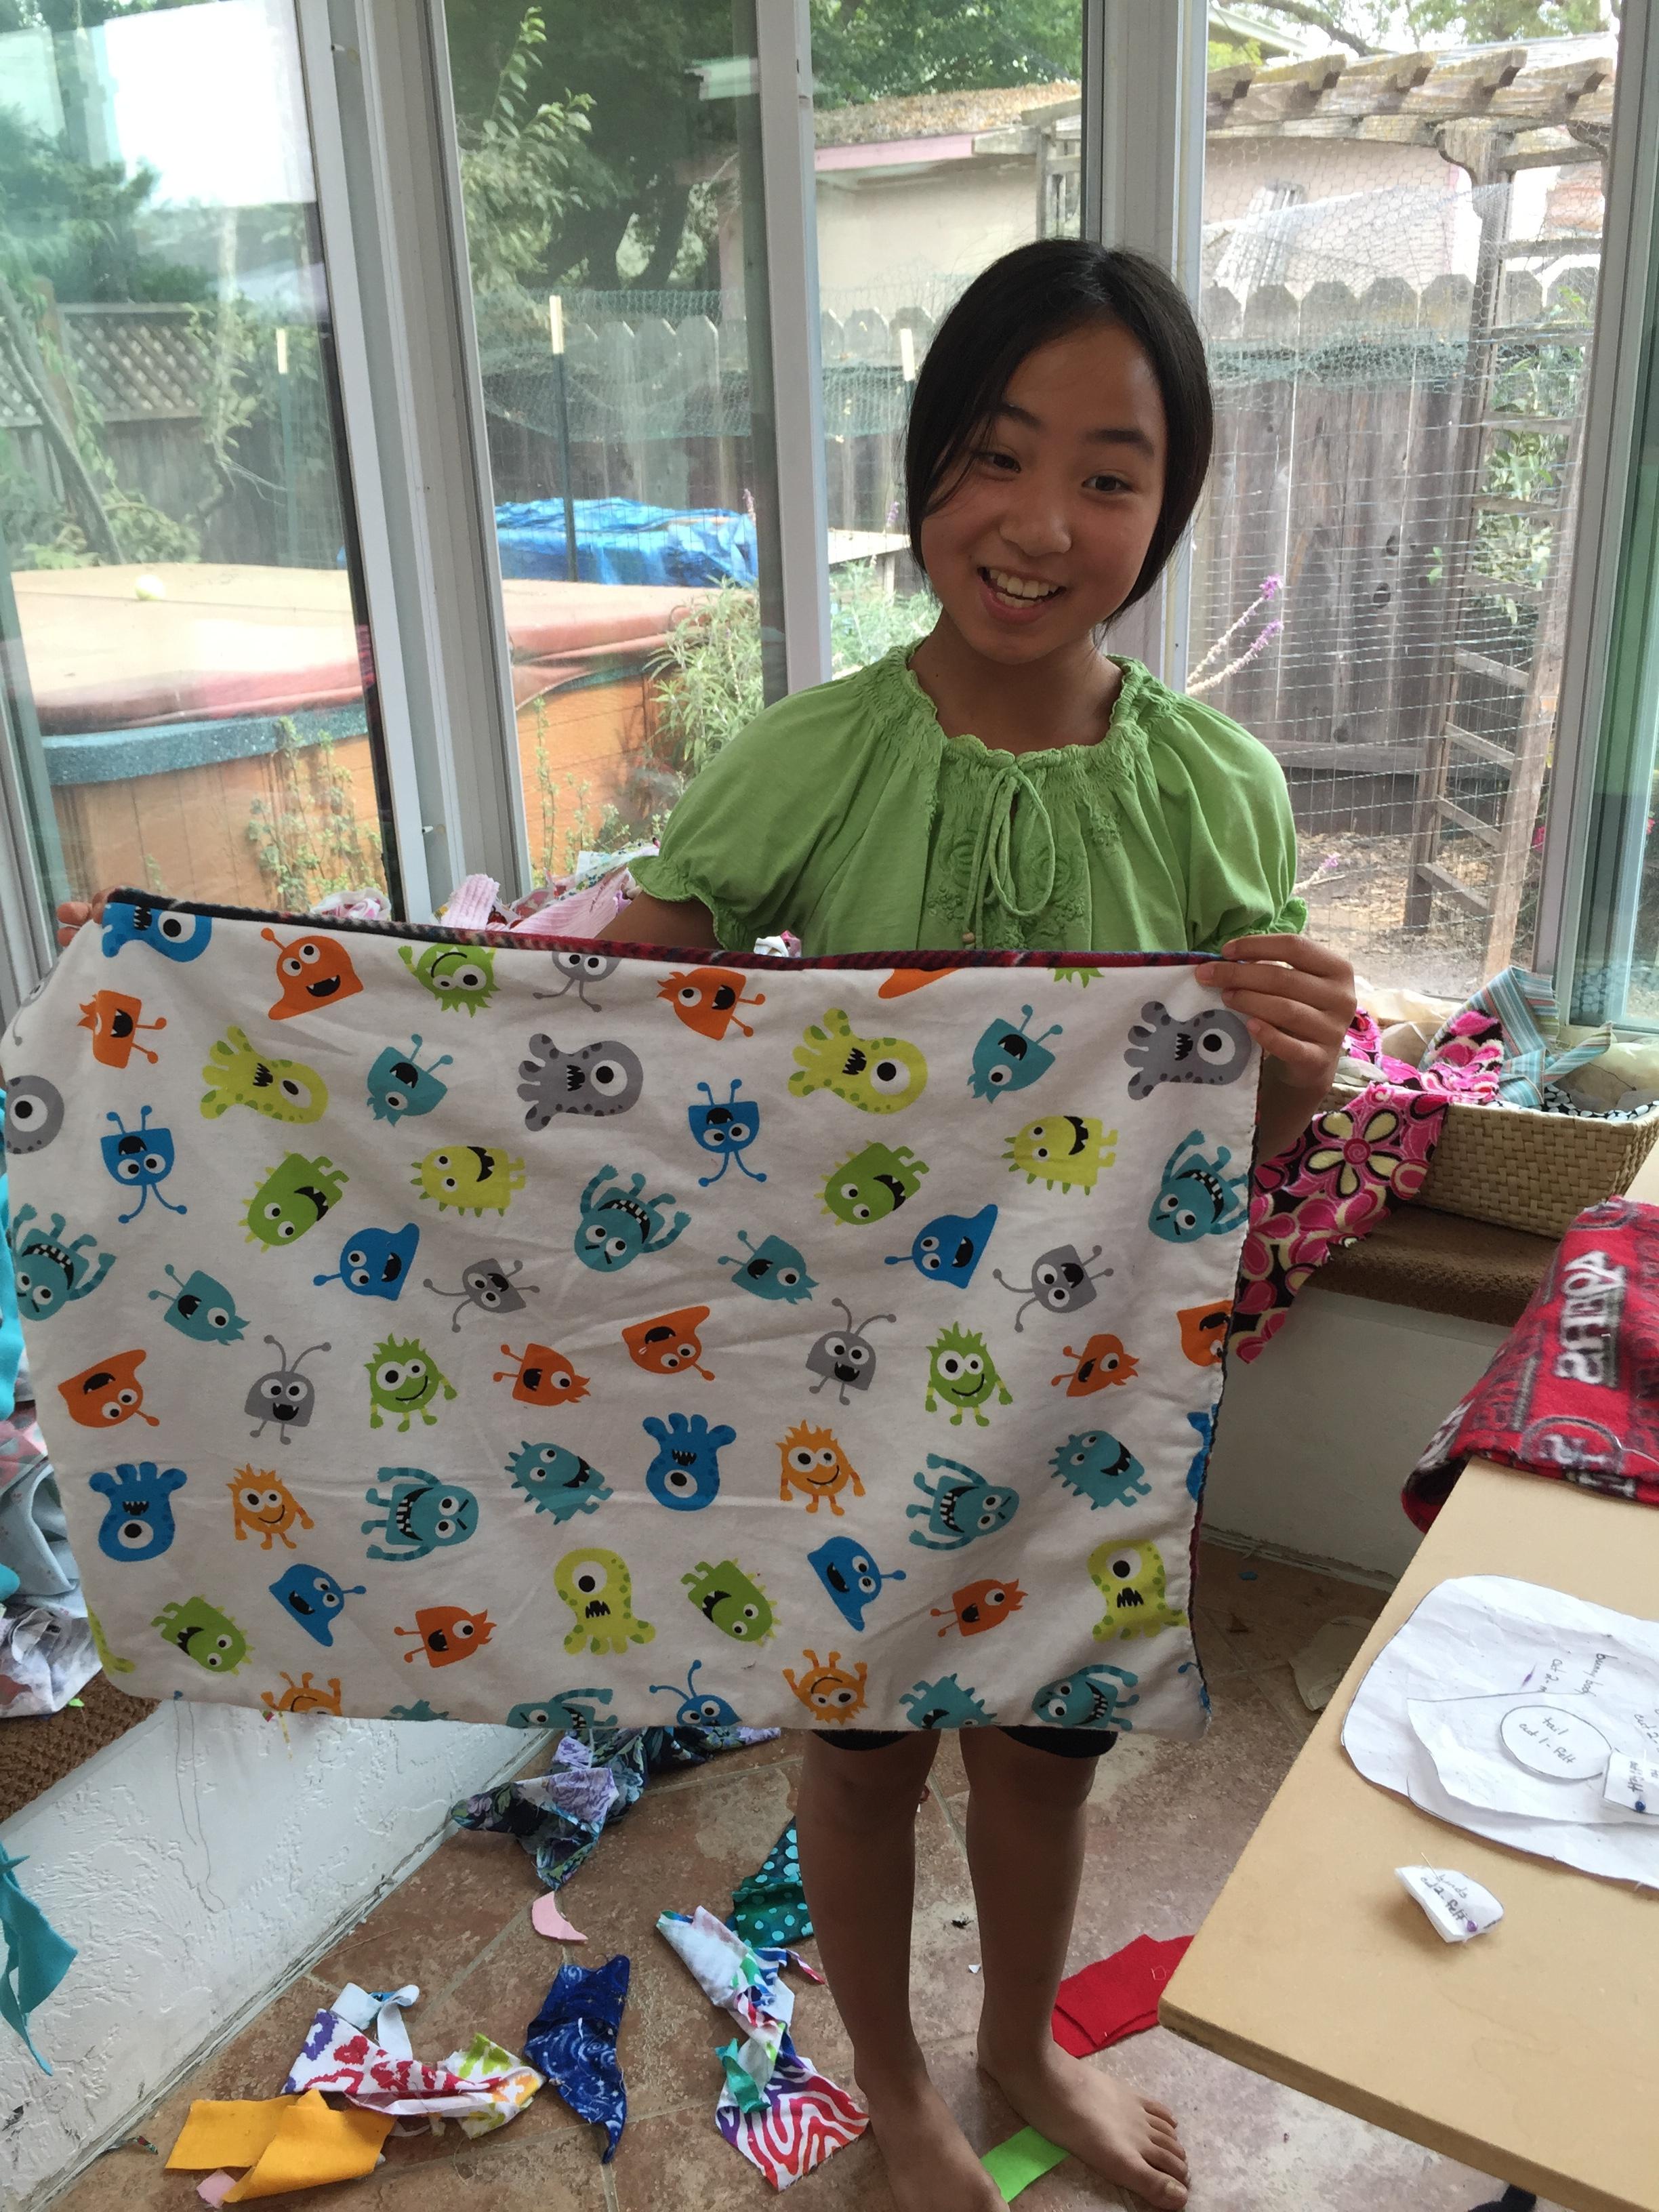 Blanket for her dog.